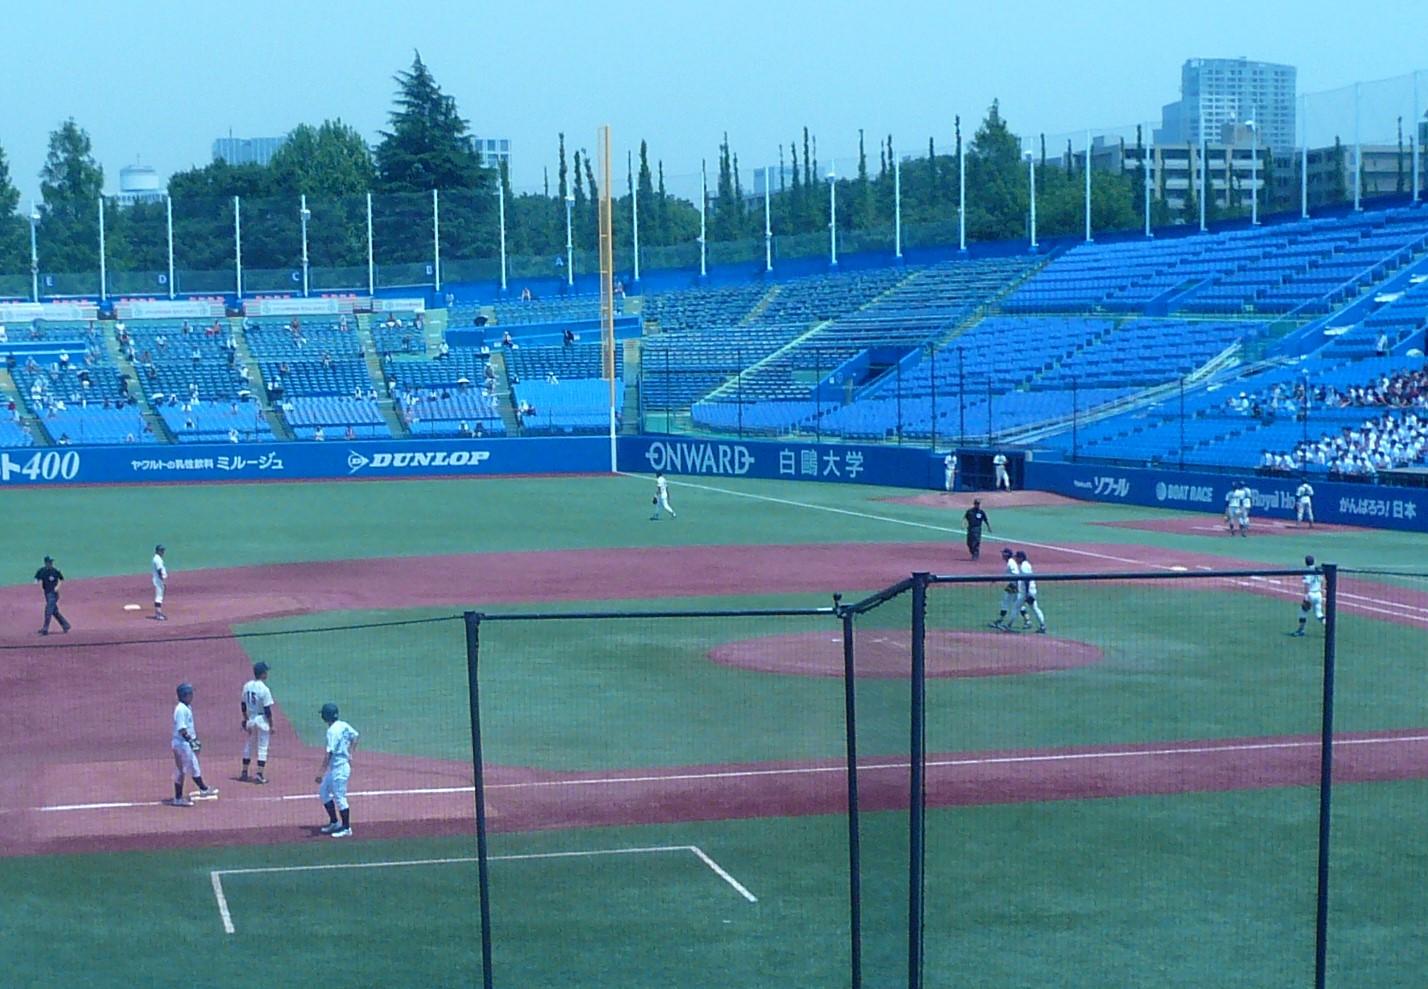 チャンス2塁打の飯迫送られ3塁、このあと田村のタイムリーで同点